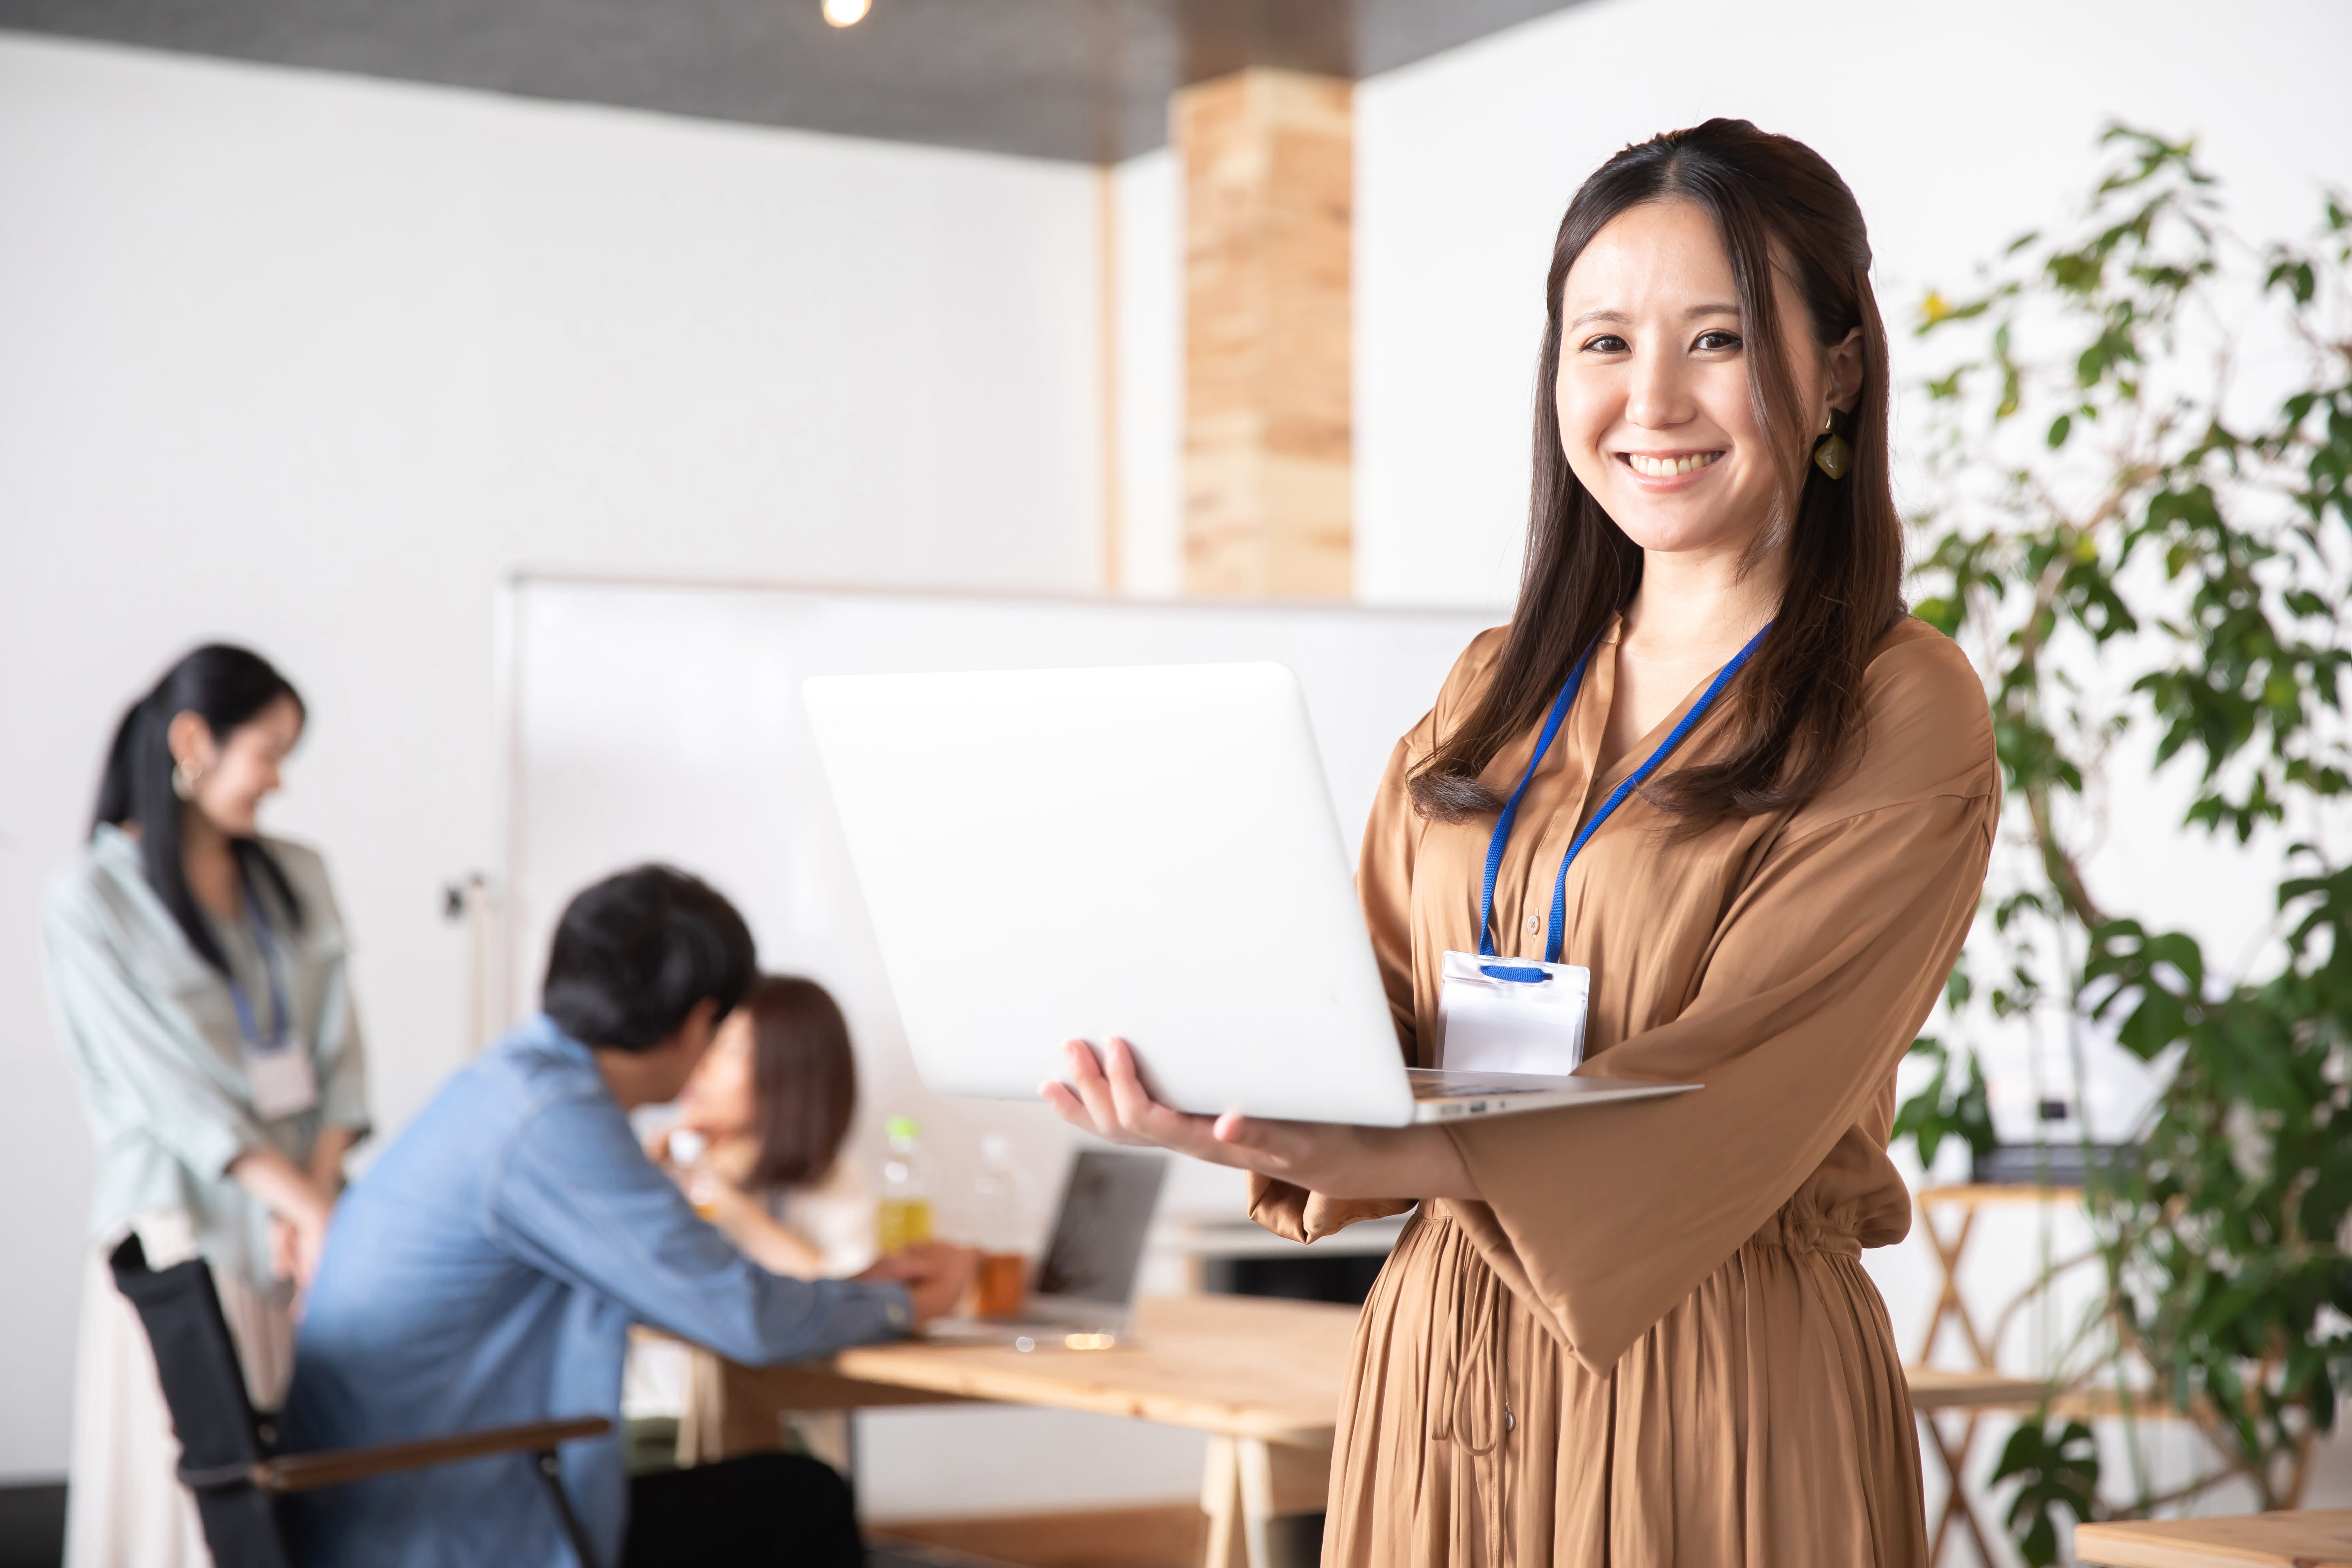 ノートパソコンを使う日本人女性ビジネスウーマン